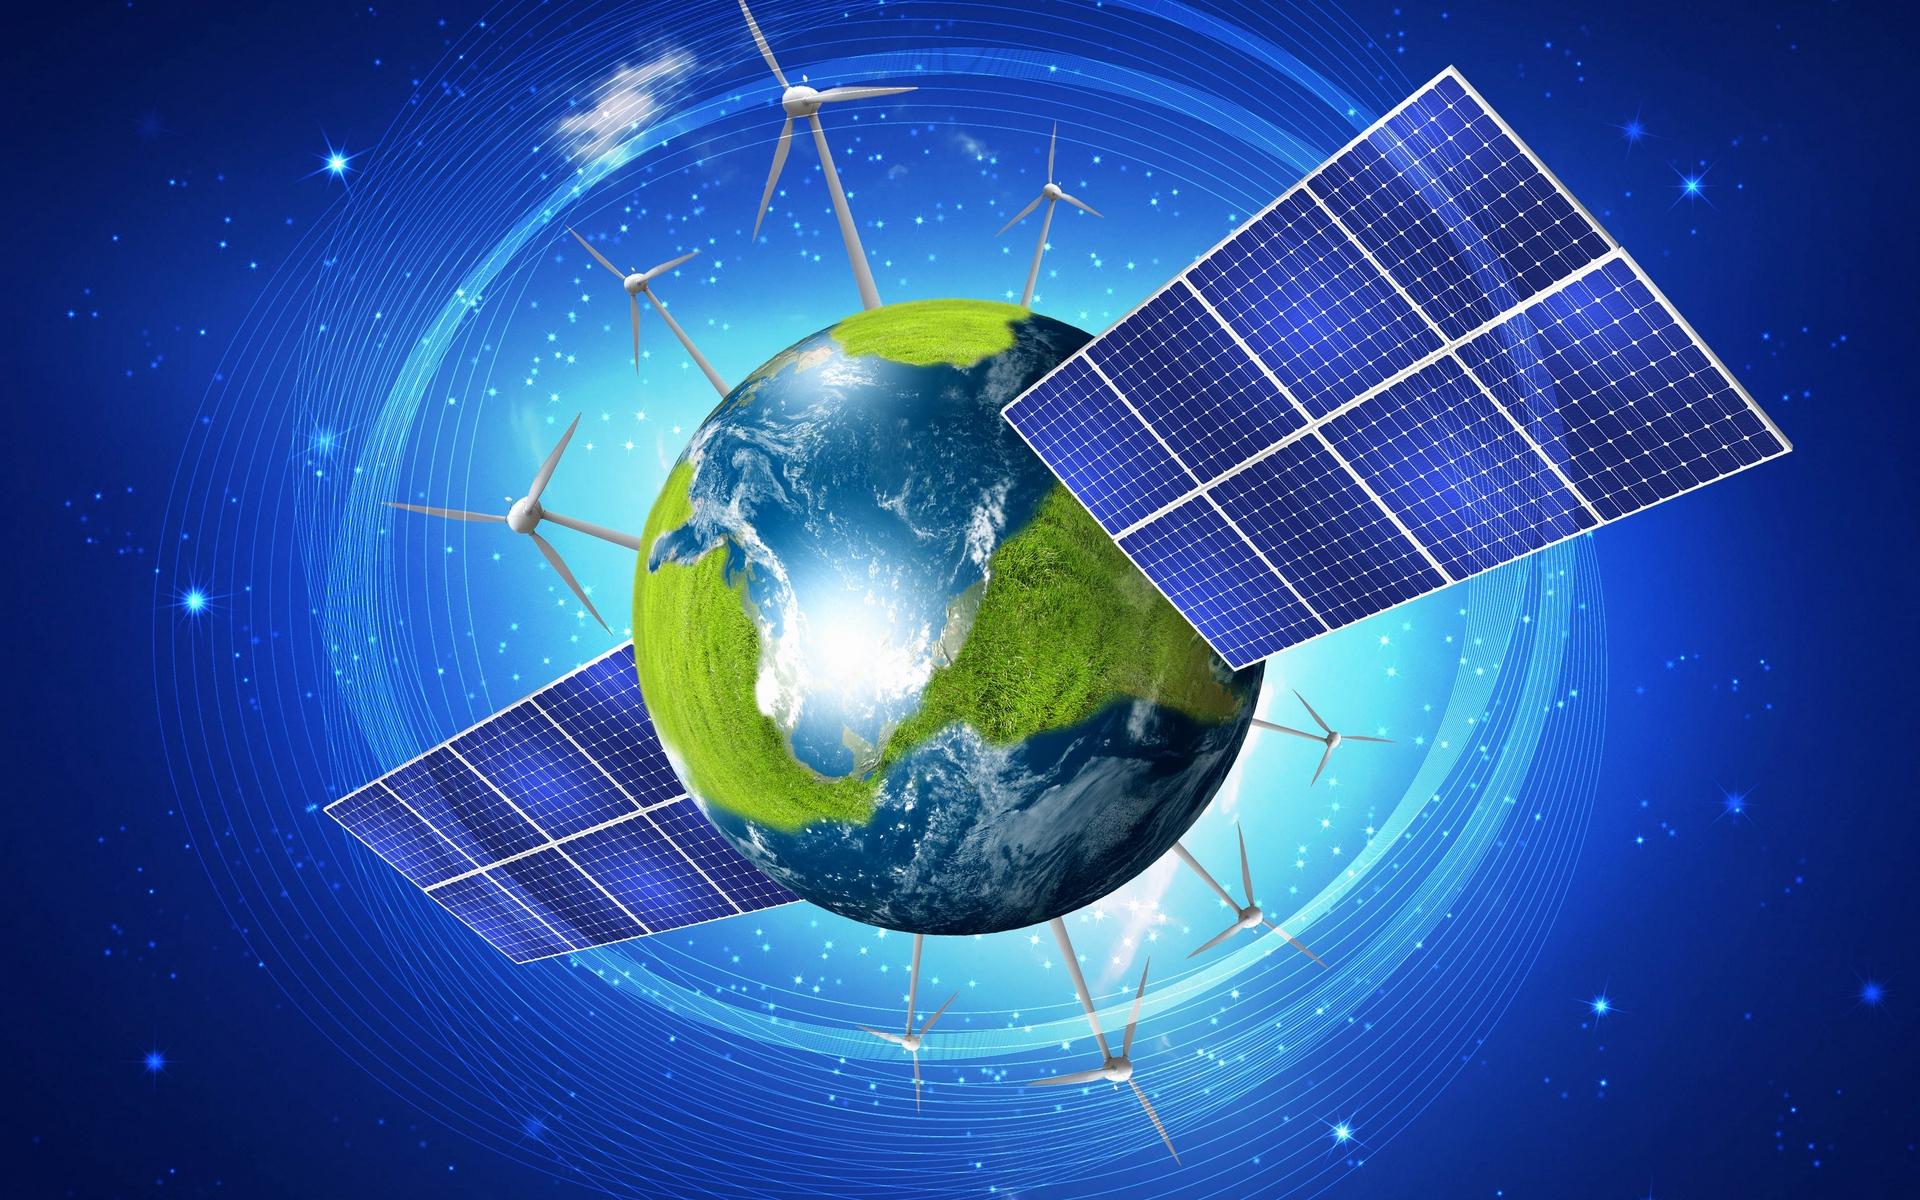 Электричество по Белоусову: практический опыт по получению волновой энергии